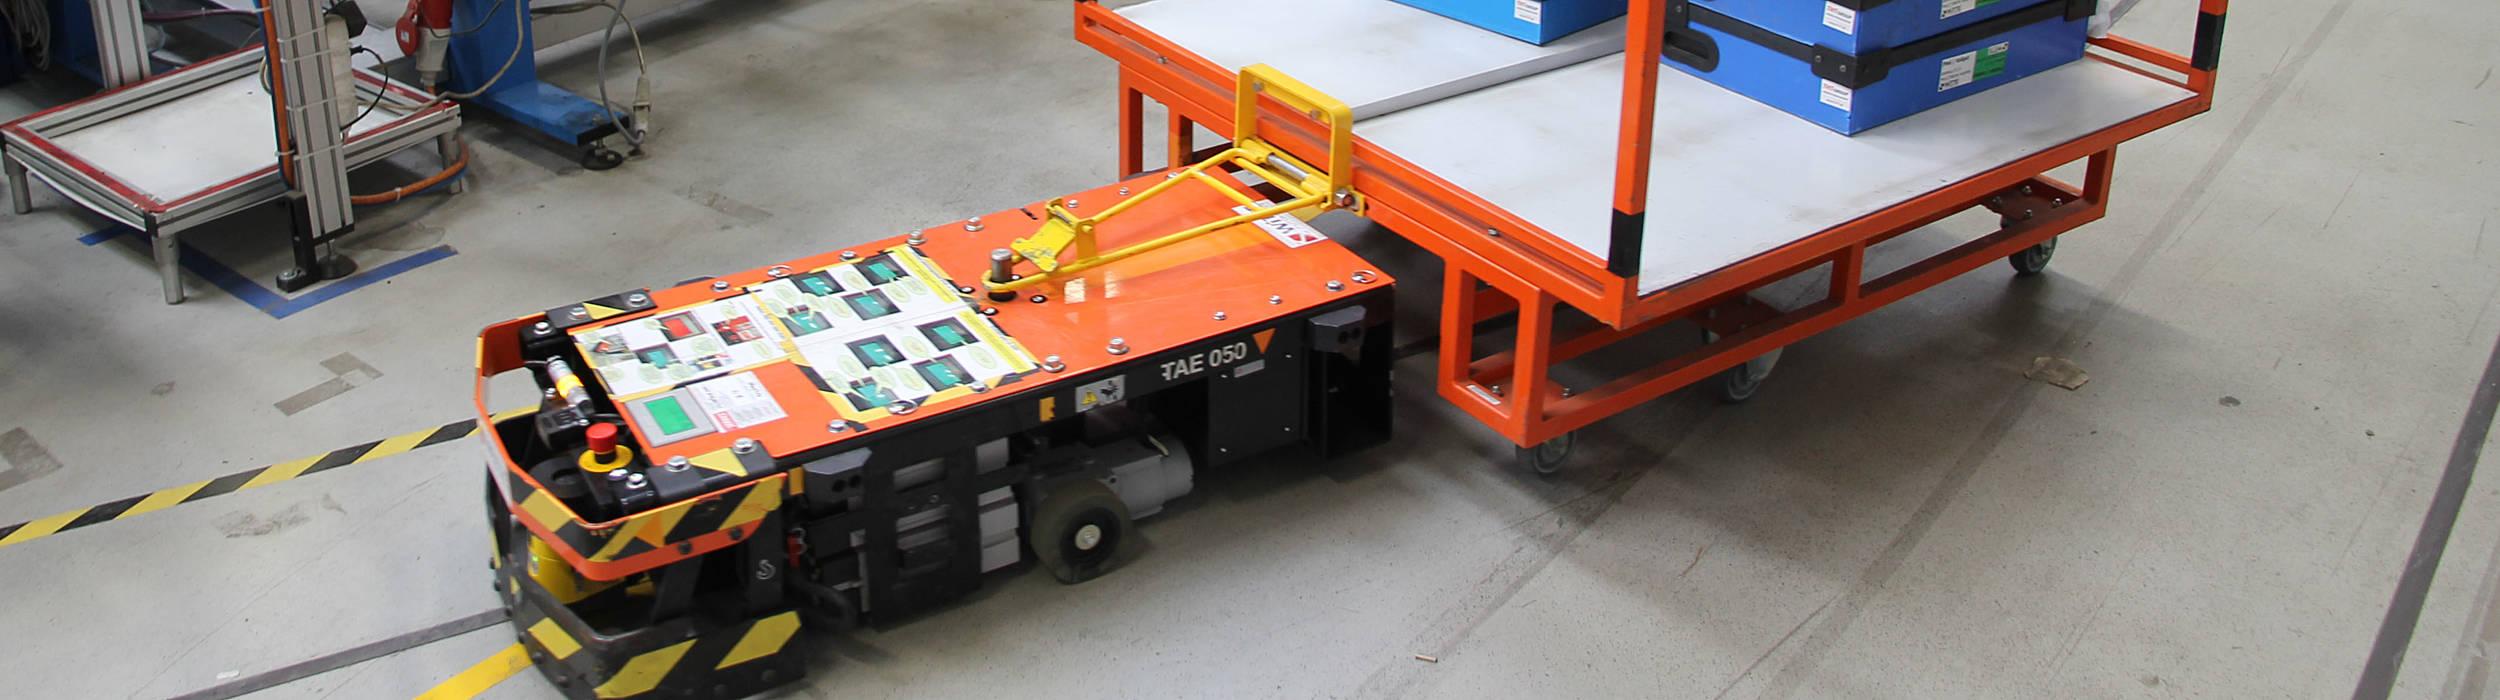 Automat TAE050 v ostrém provozu ve Witte